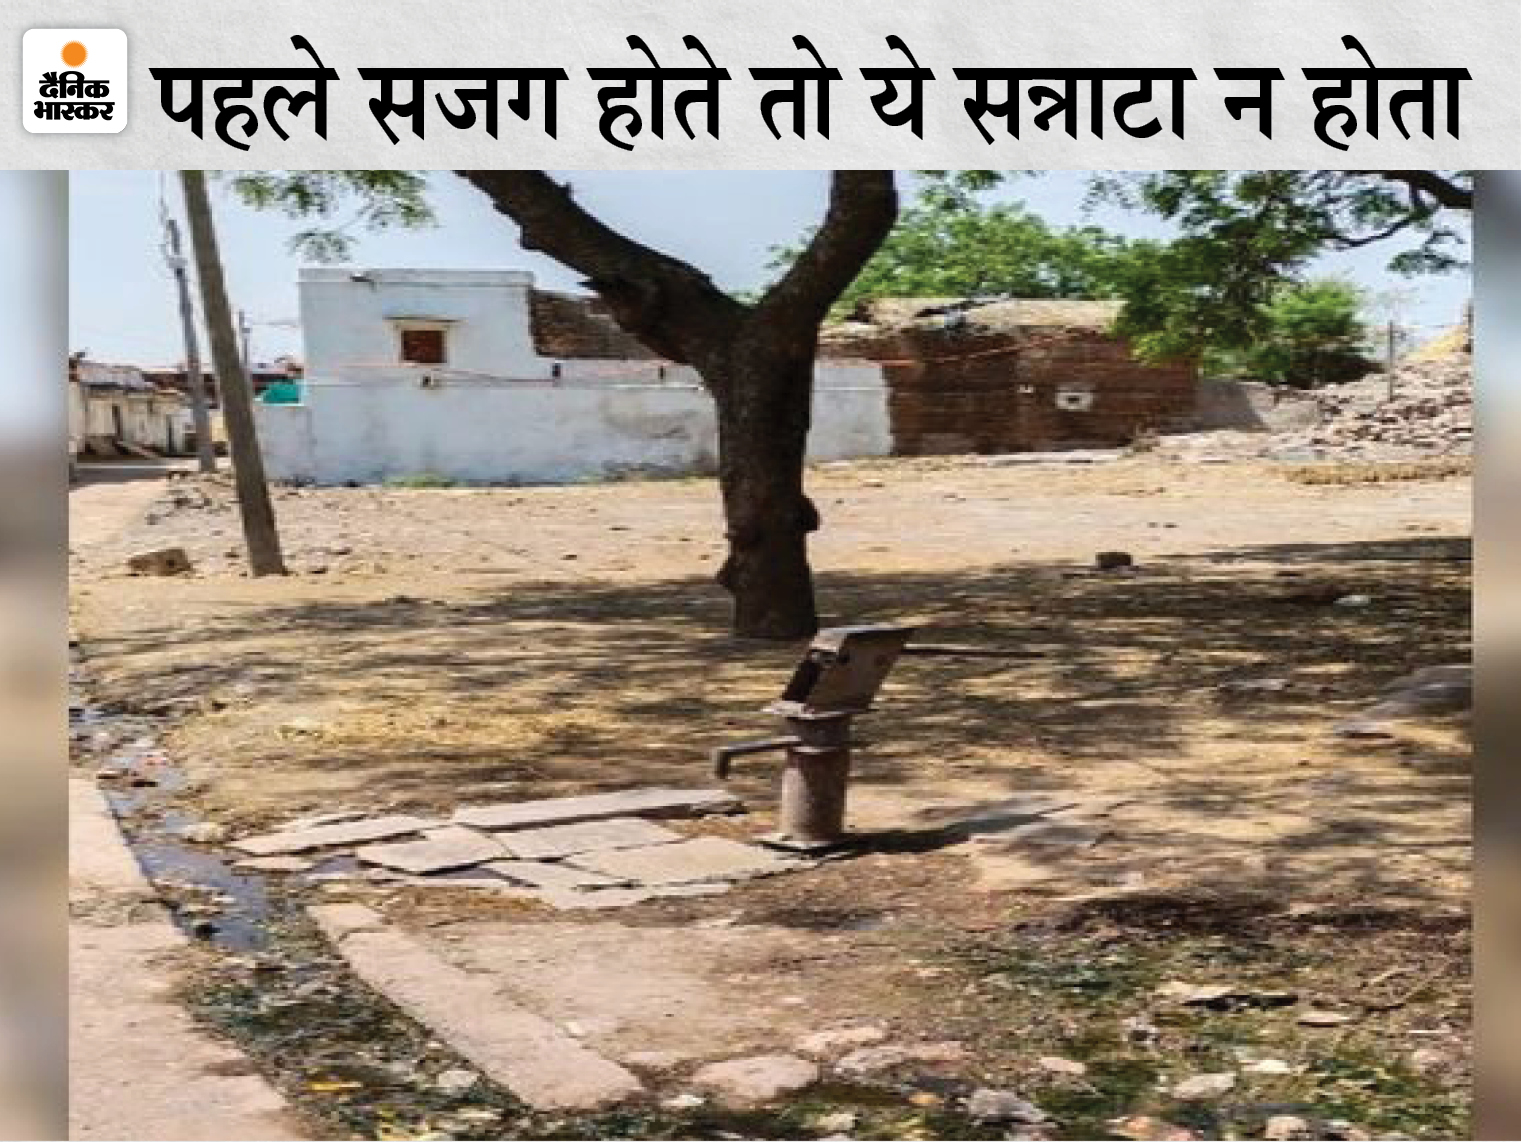 बीमारी को शहर की बताकर मजाक उड़ाते थे, वहां 80 संक्रमित आए; डर ऐसा कि हैंडपंप पर पानी भरने से भी डर रहे|ग्वालियर,Gwalior - Dainik Bhaskar